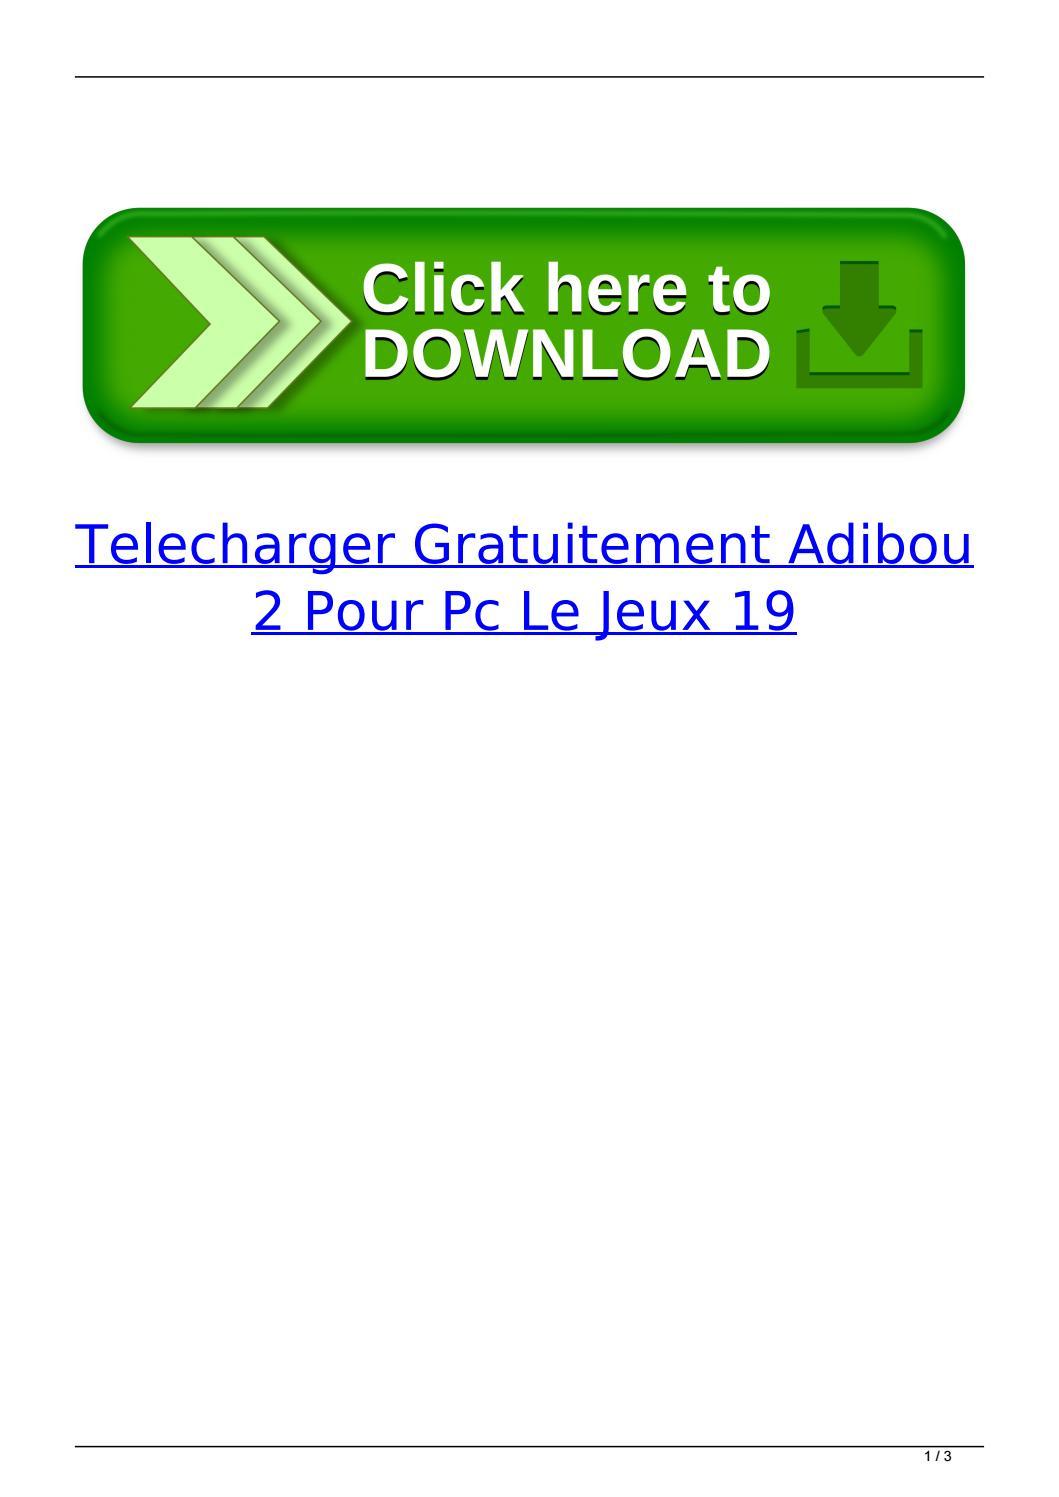 Telecharger Gratuitement Adibou 2 Pour Pc Le Jeux 19 By serapportantà Telecharger Adibou Gratuitement